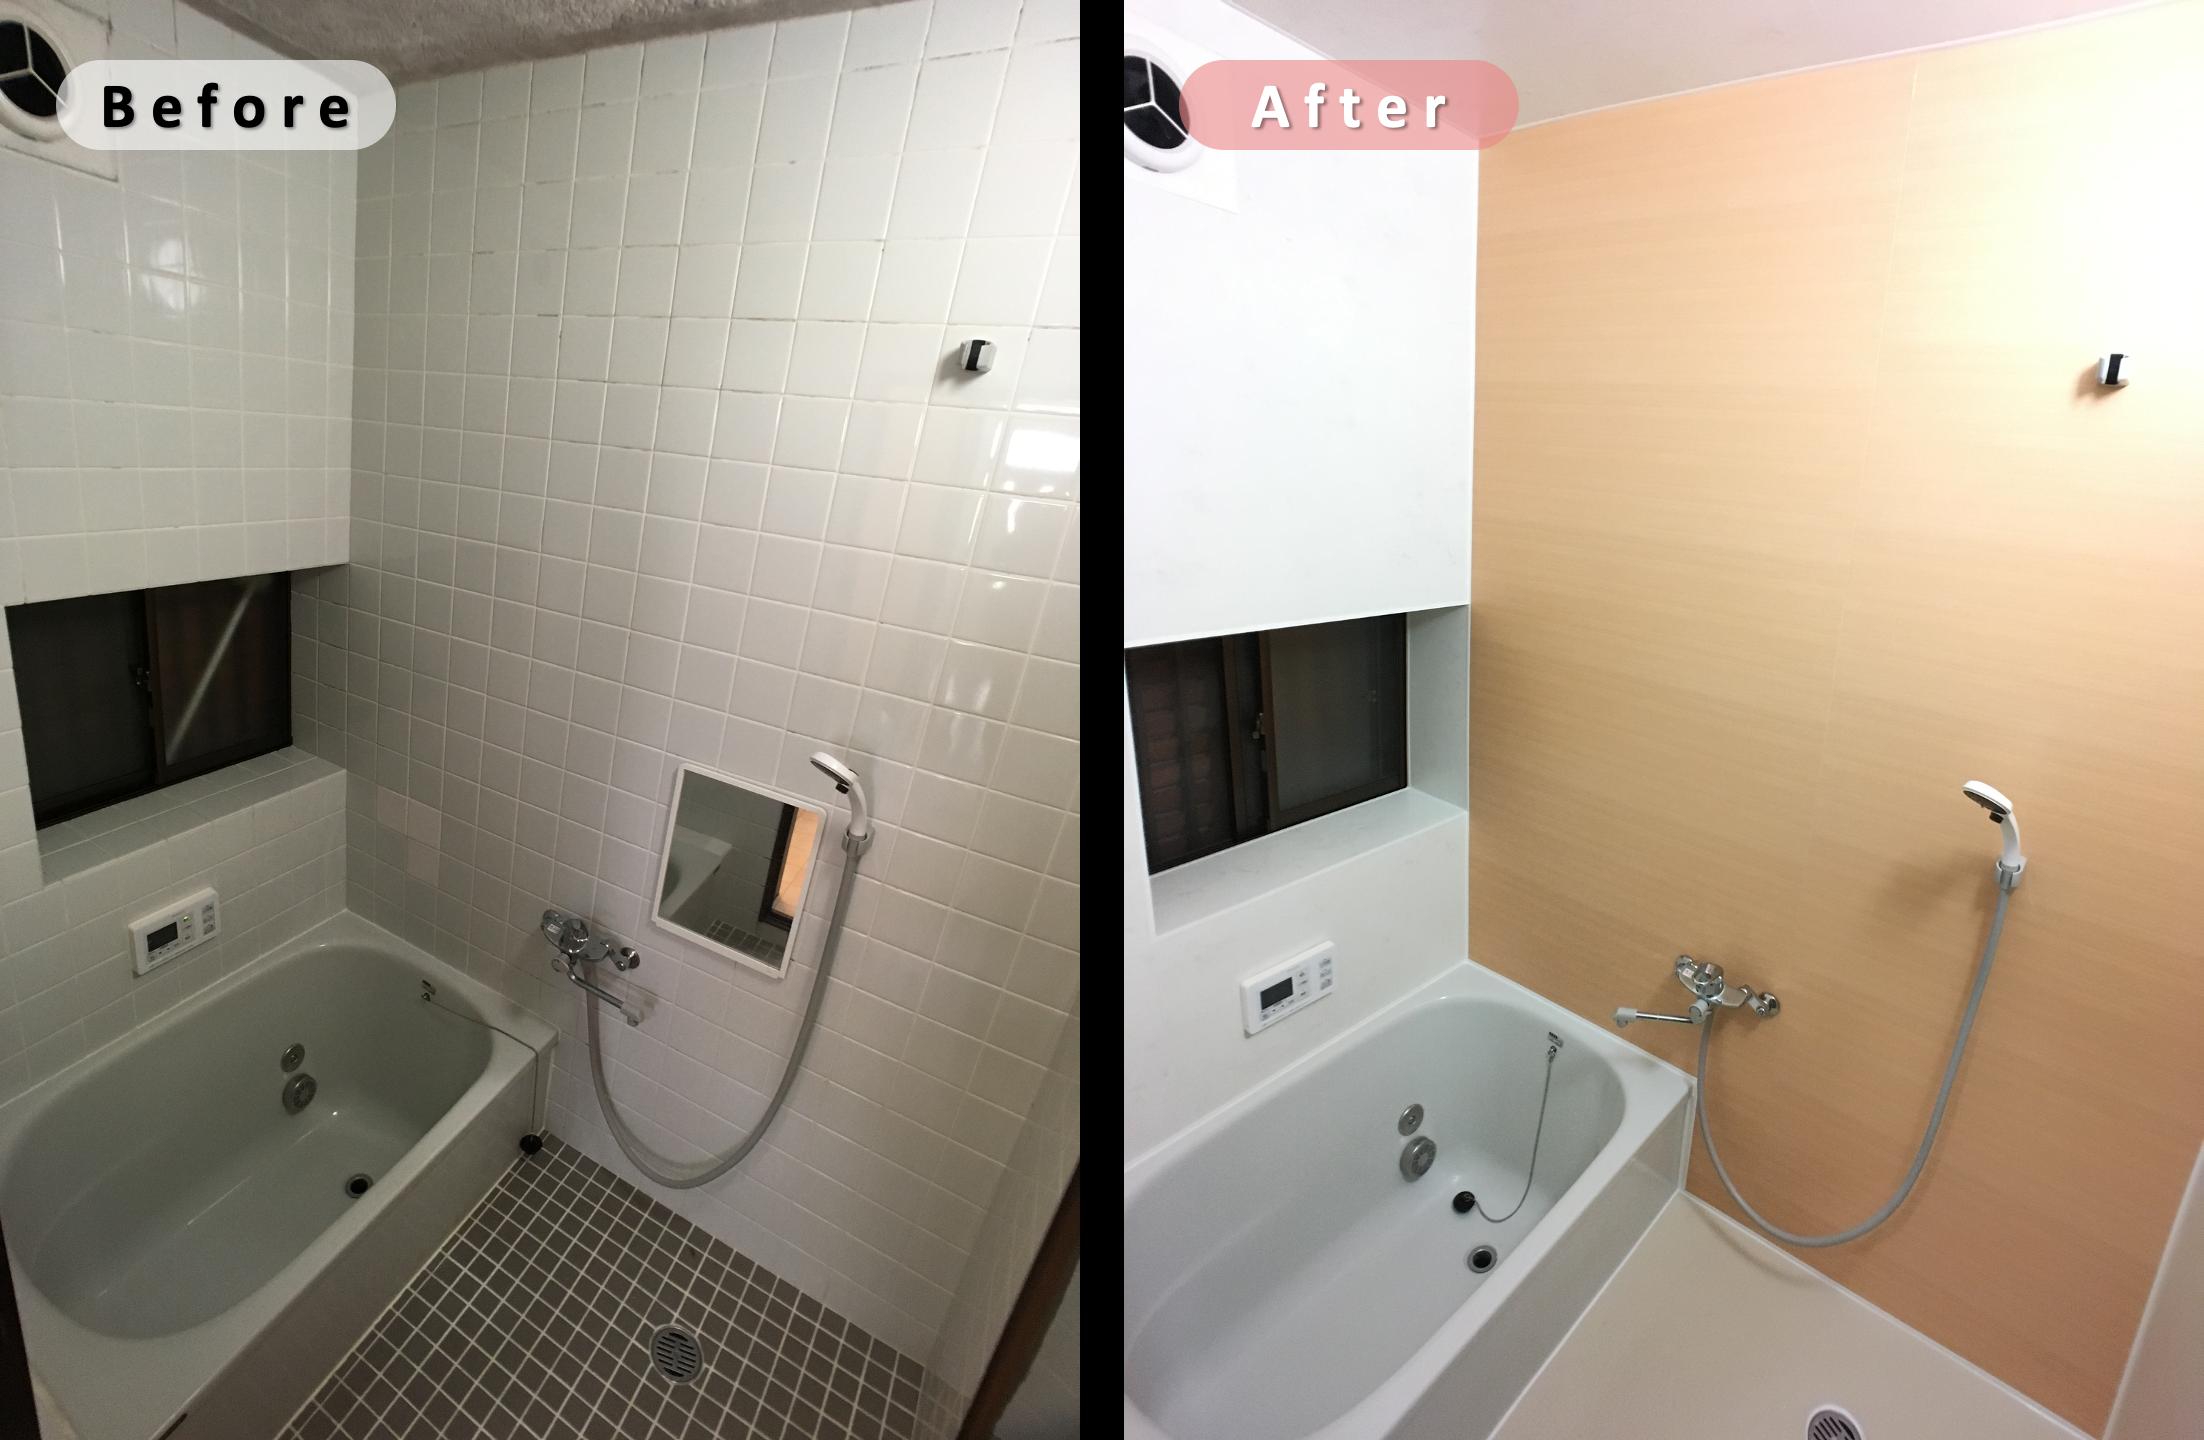 浴室タイル壁に アルパレージ というバスパネルをdiで貼り付けリフォームしたビフォーアフターです 詳しい方法はブログで